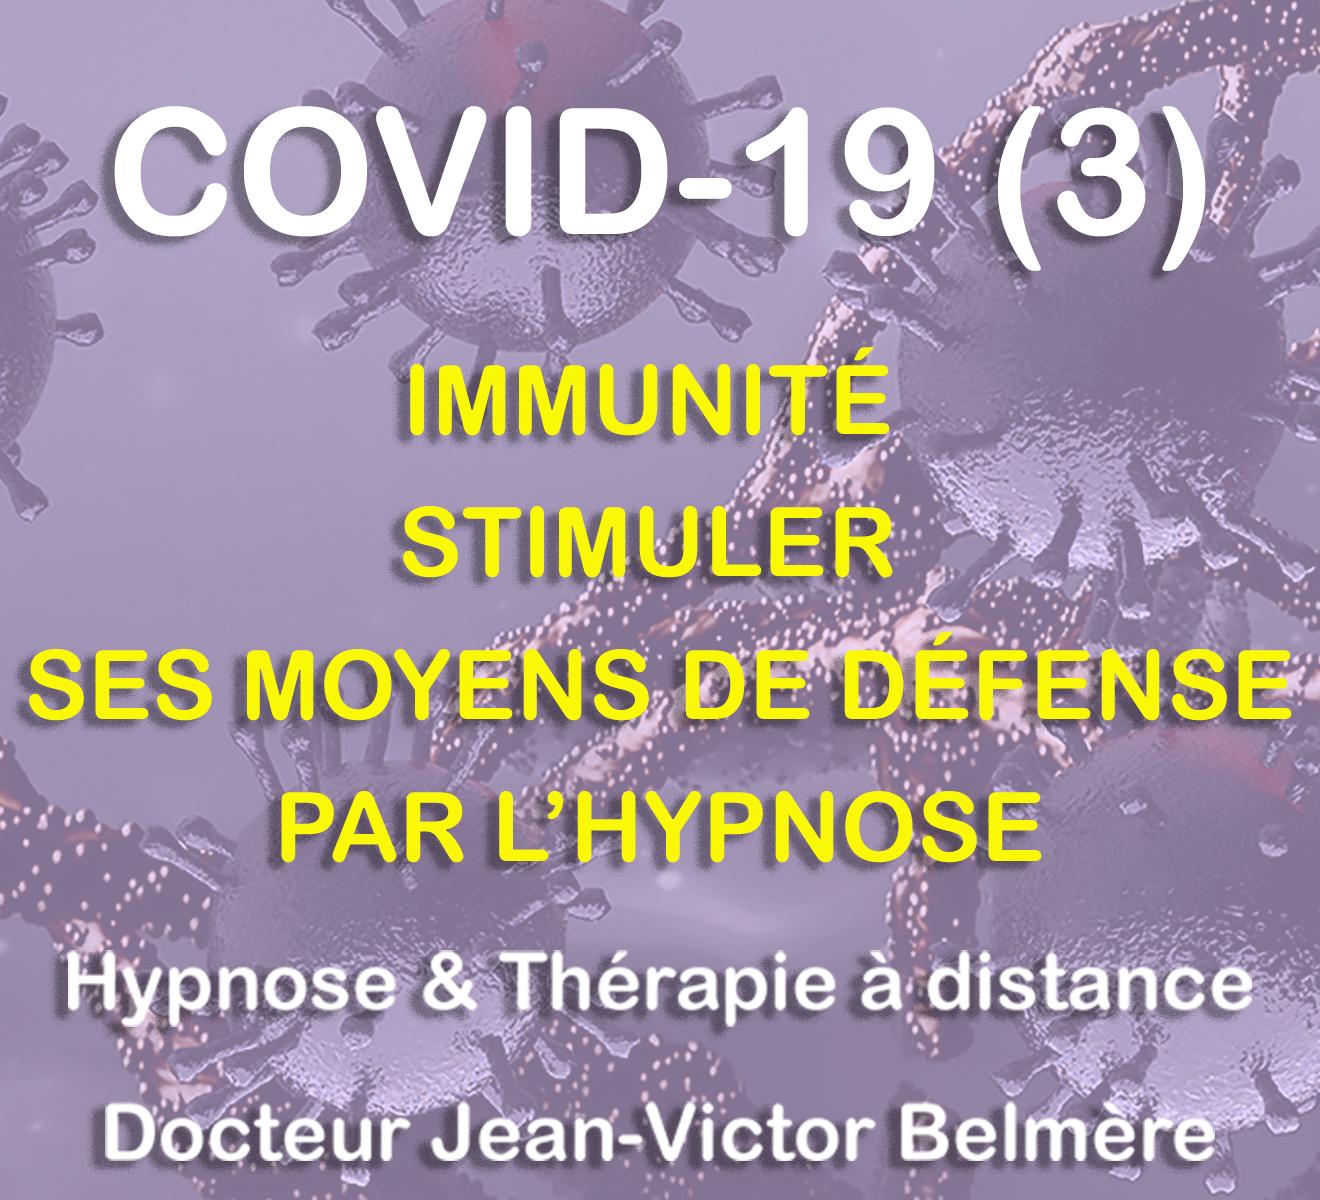 Le coronavirus SARS-CoV-2 est bien plus virulent chez les personnes dont le système immunitaire est affaibli, et peut parfois s'avérer fatal.